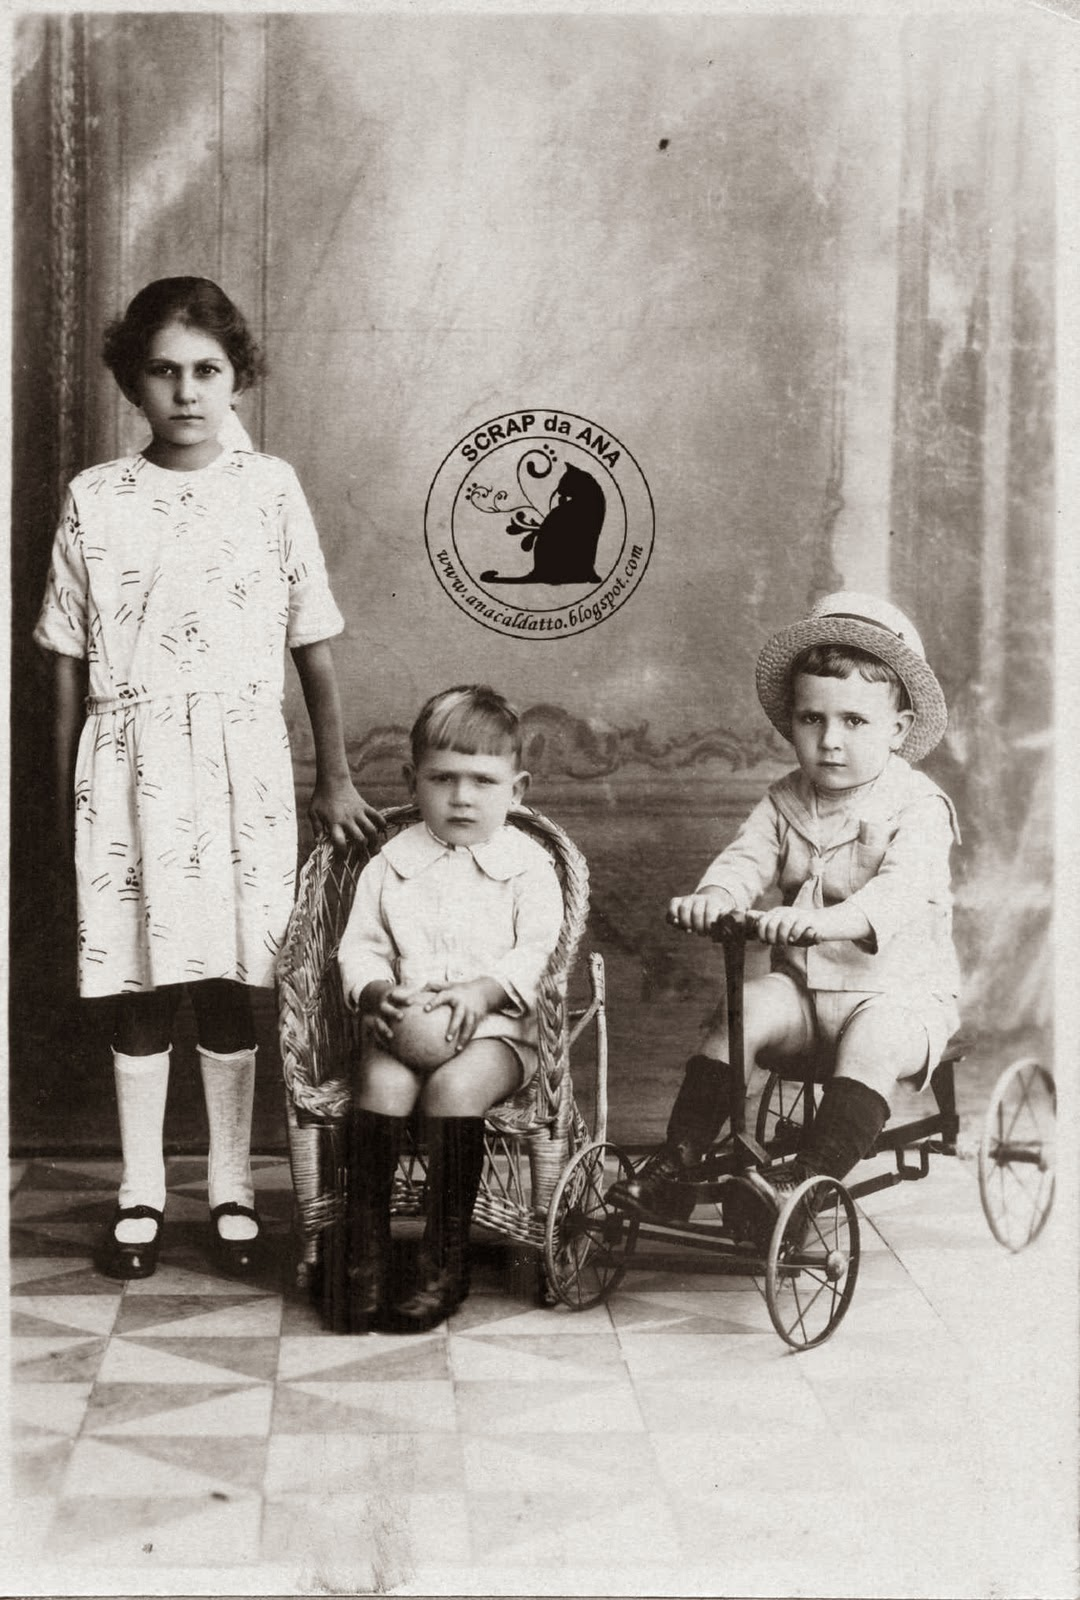 Fotos Antigas Crianças e Brinquedos